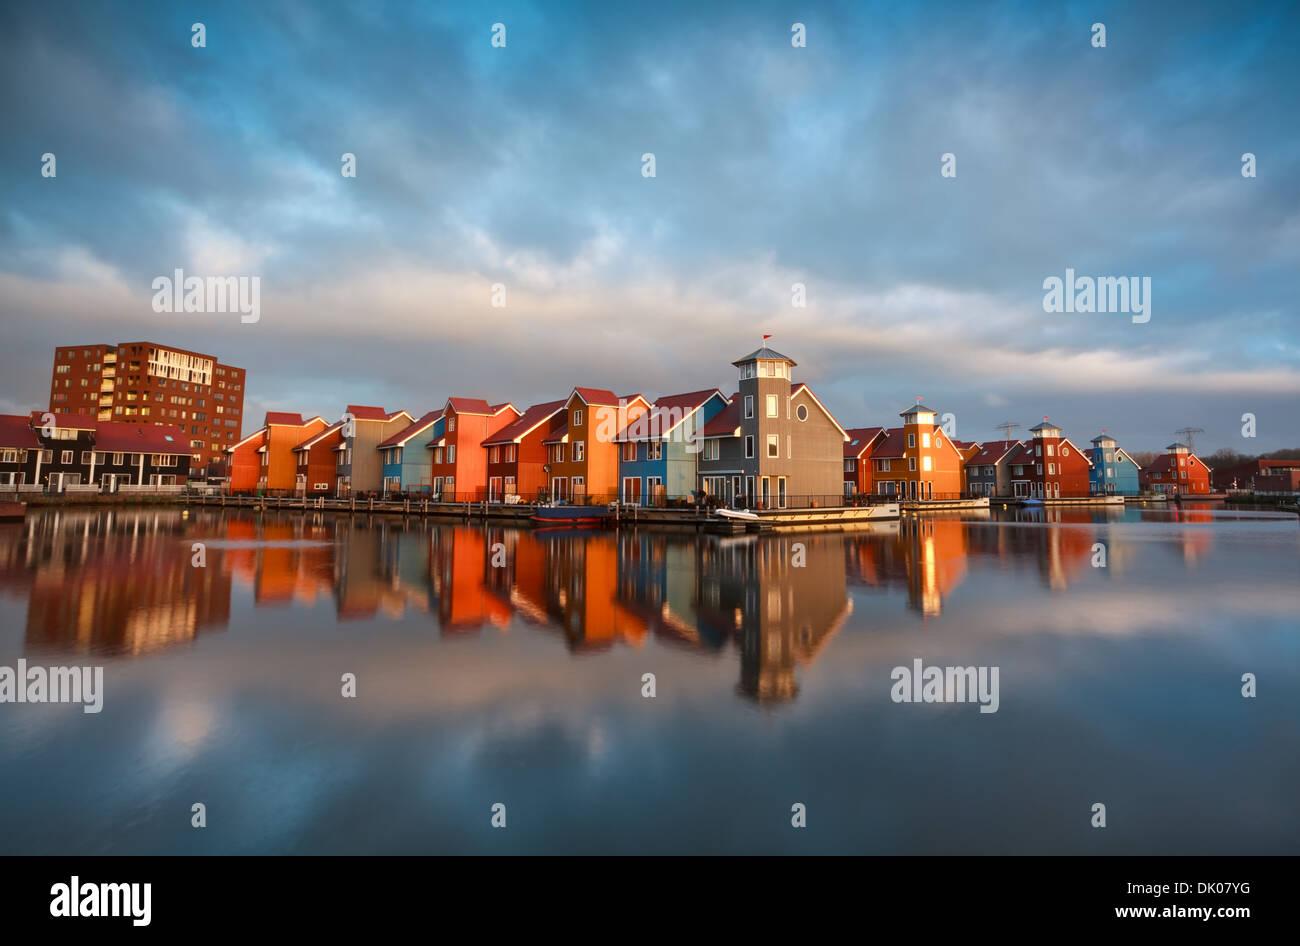 Bâtiments colorés sur l'eau pendant le lever du soleil, Reitdiephaven, Groningen, Pays-Bas Photo Stock